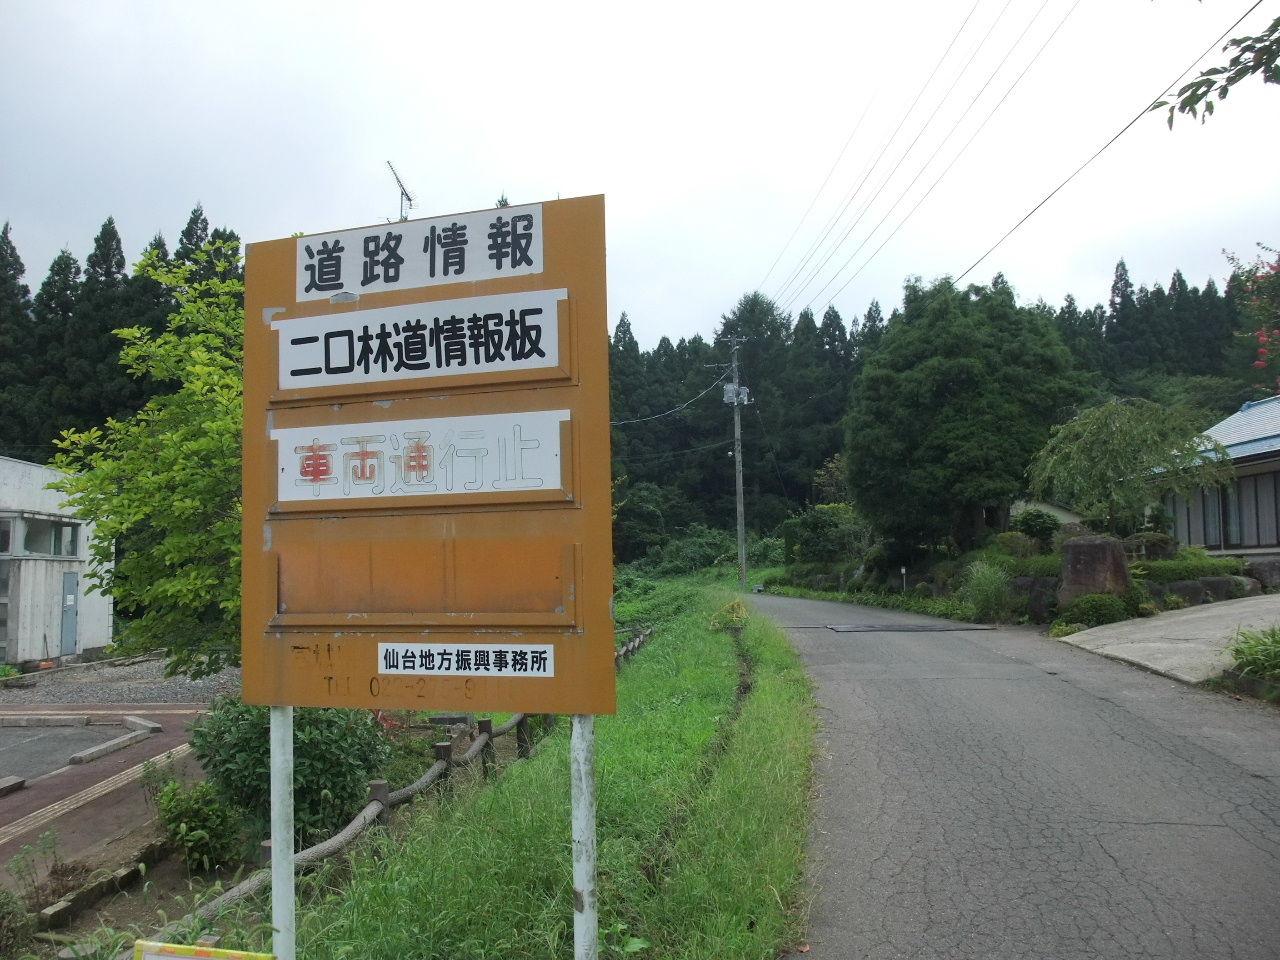 「仙台市秋保町二口林道」の画像検索結果